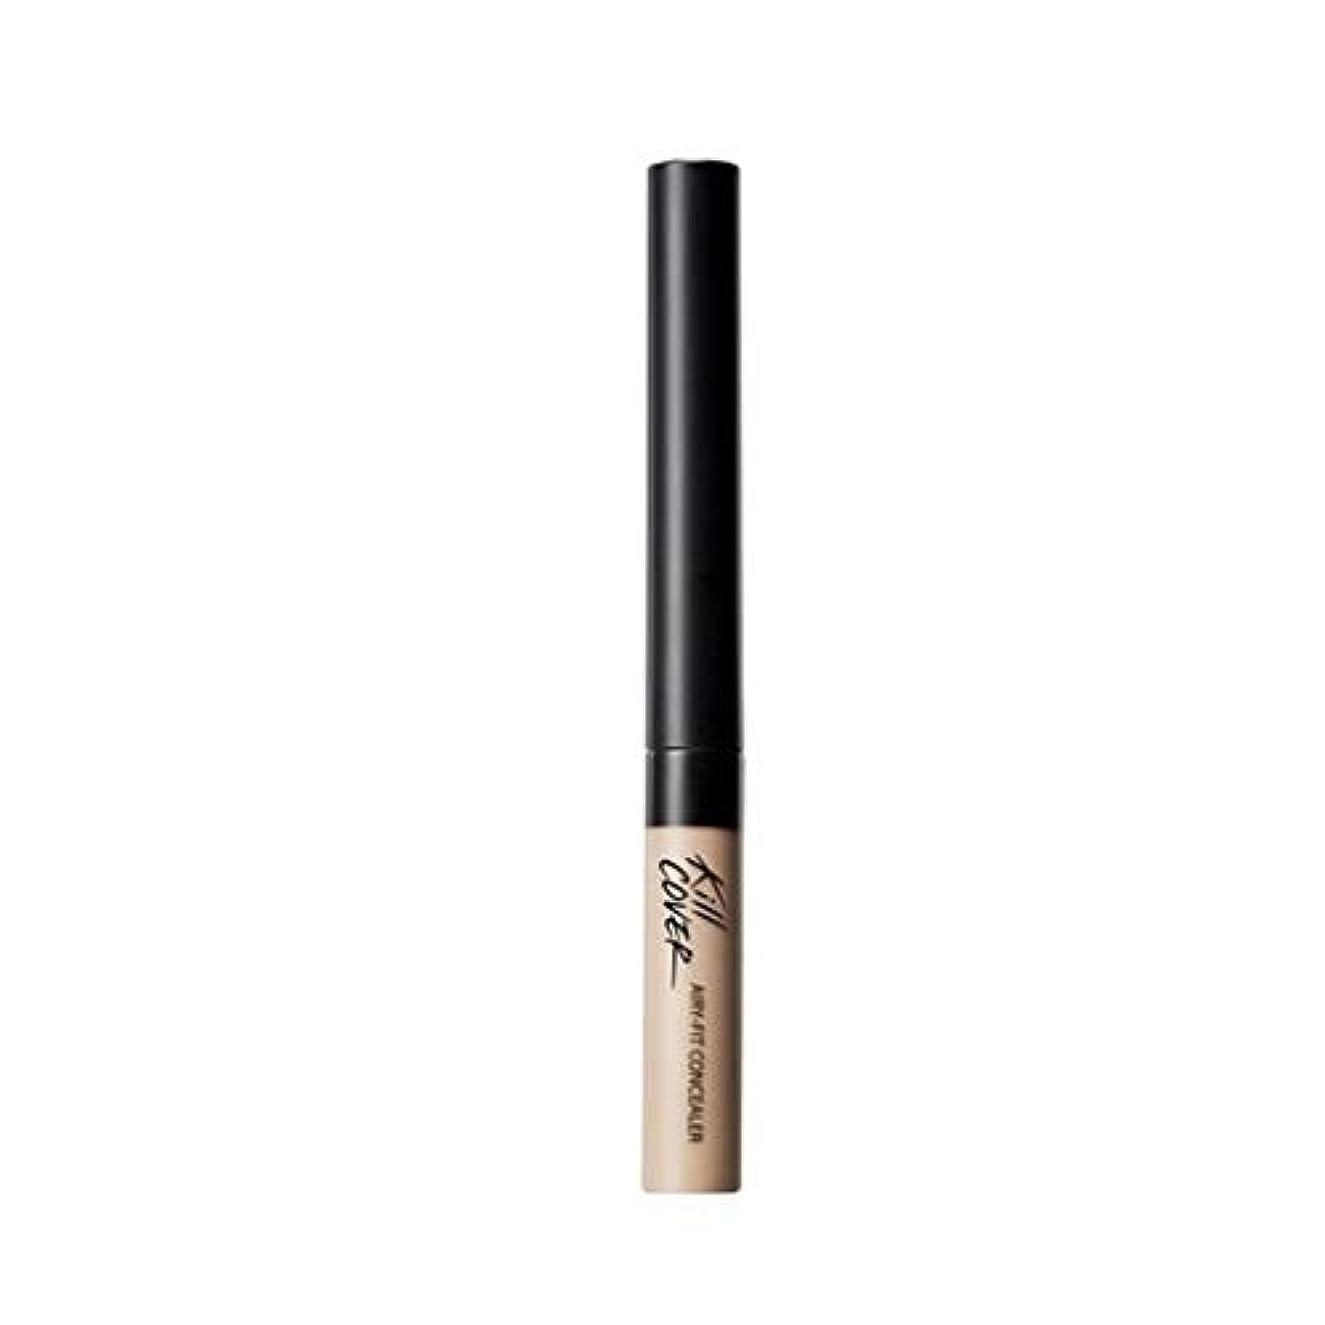 ローン征服ヒゲクジラクリオキルカバーエアリーフィットコンシーラー6カラー韓国コスメ、Clio Kill Cover Airy-Fit Concealer 6-Colors Korean Cosmetics [並行輸入品] (4.0 Ginger)